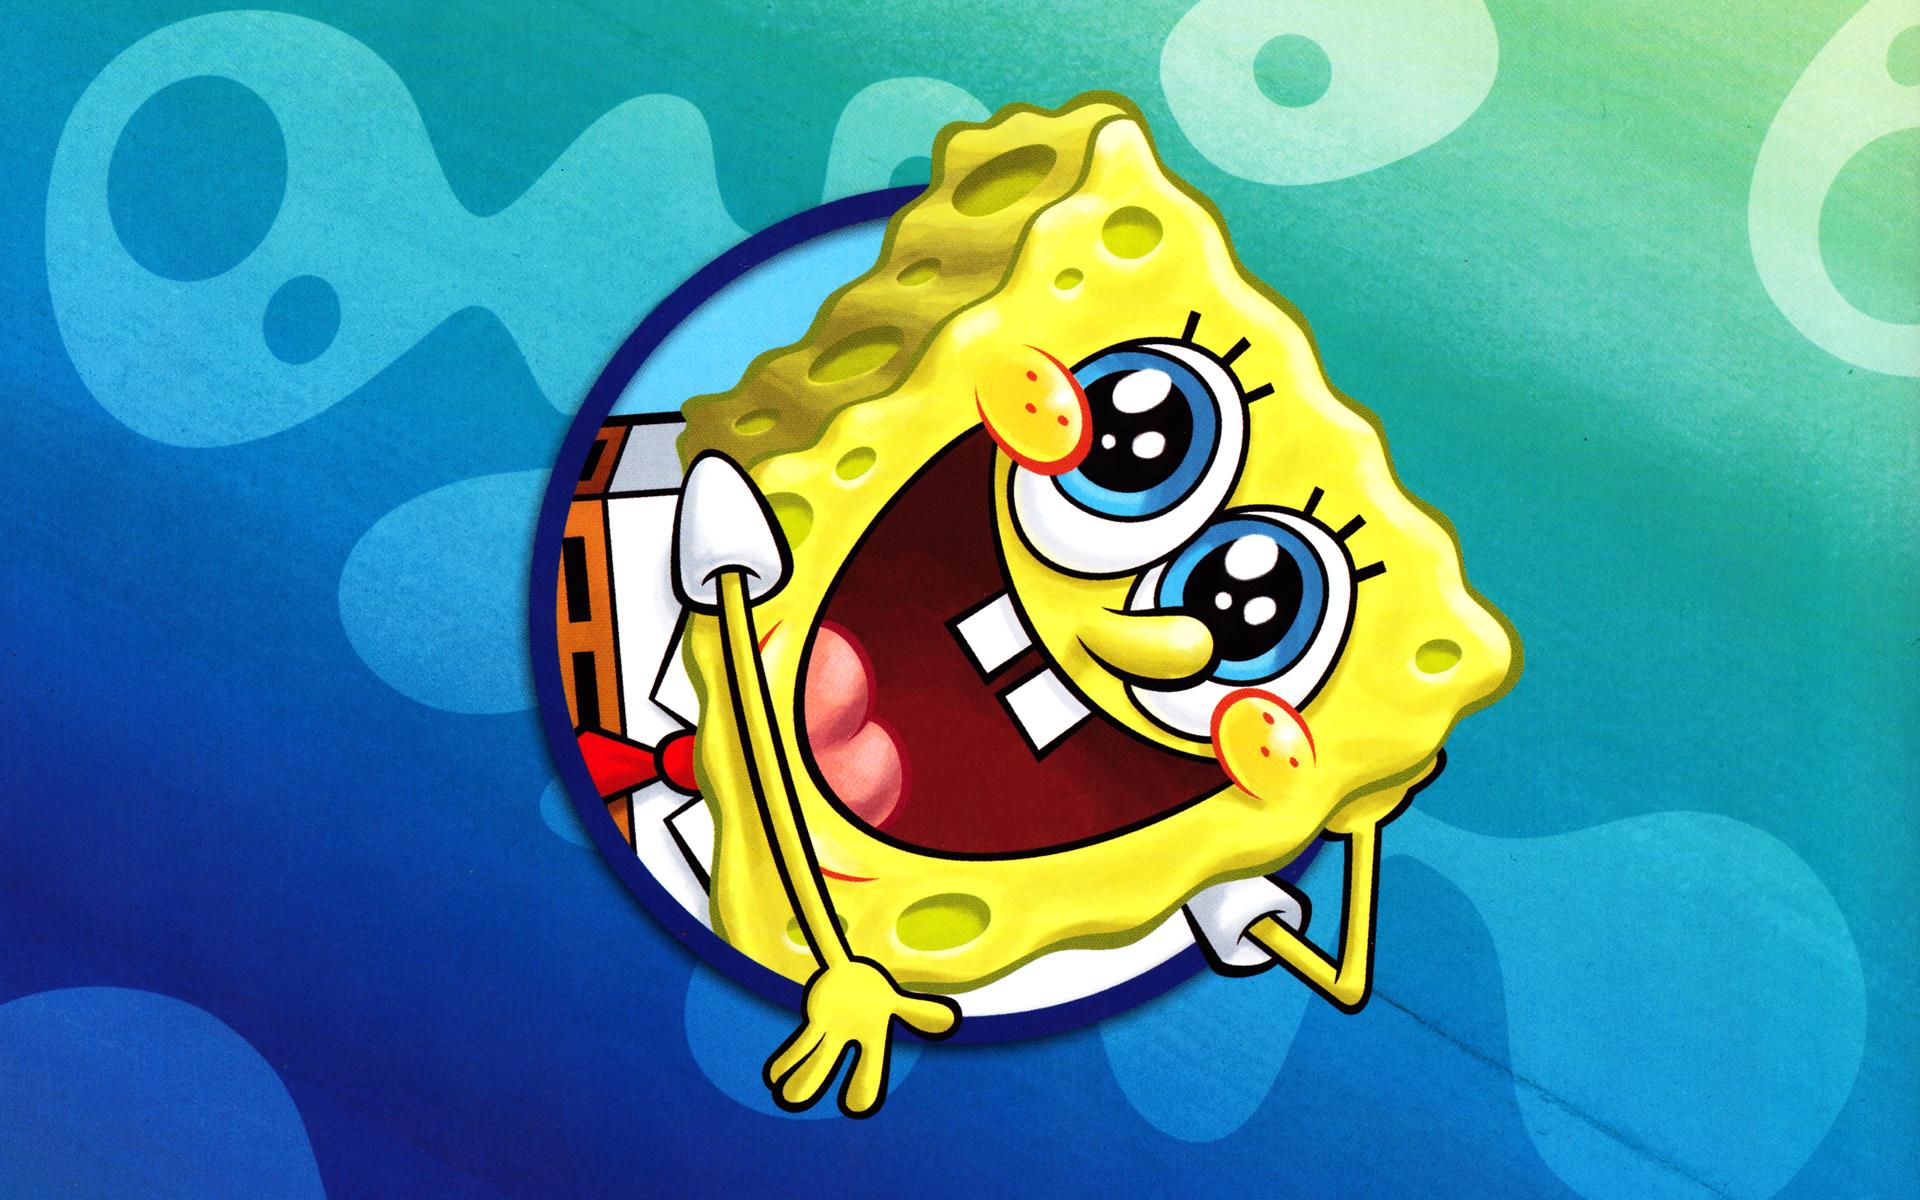 Spongebob Squarepants Computer Wallpapers Desktop Backgrounds 1920x1200